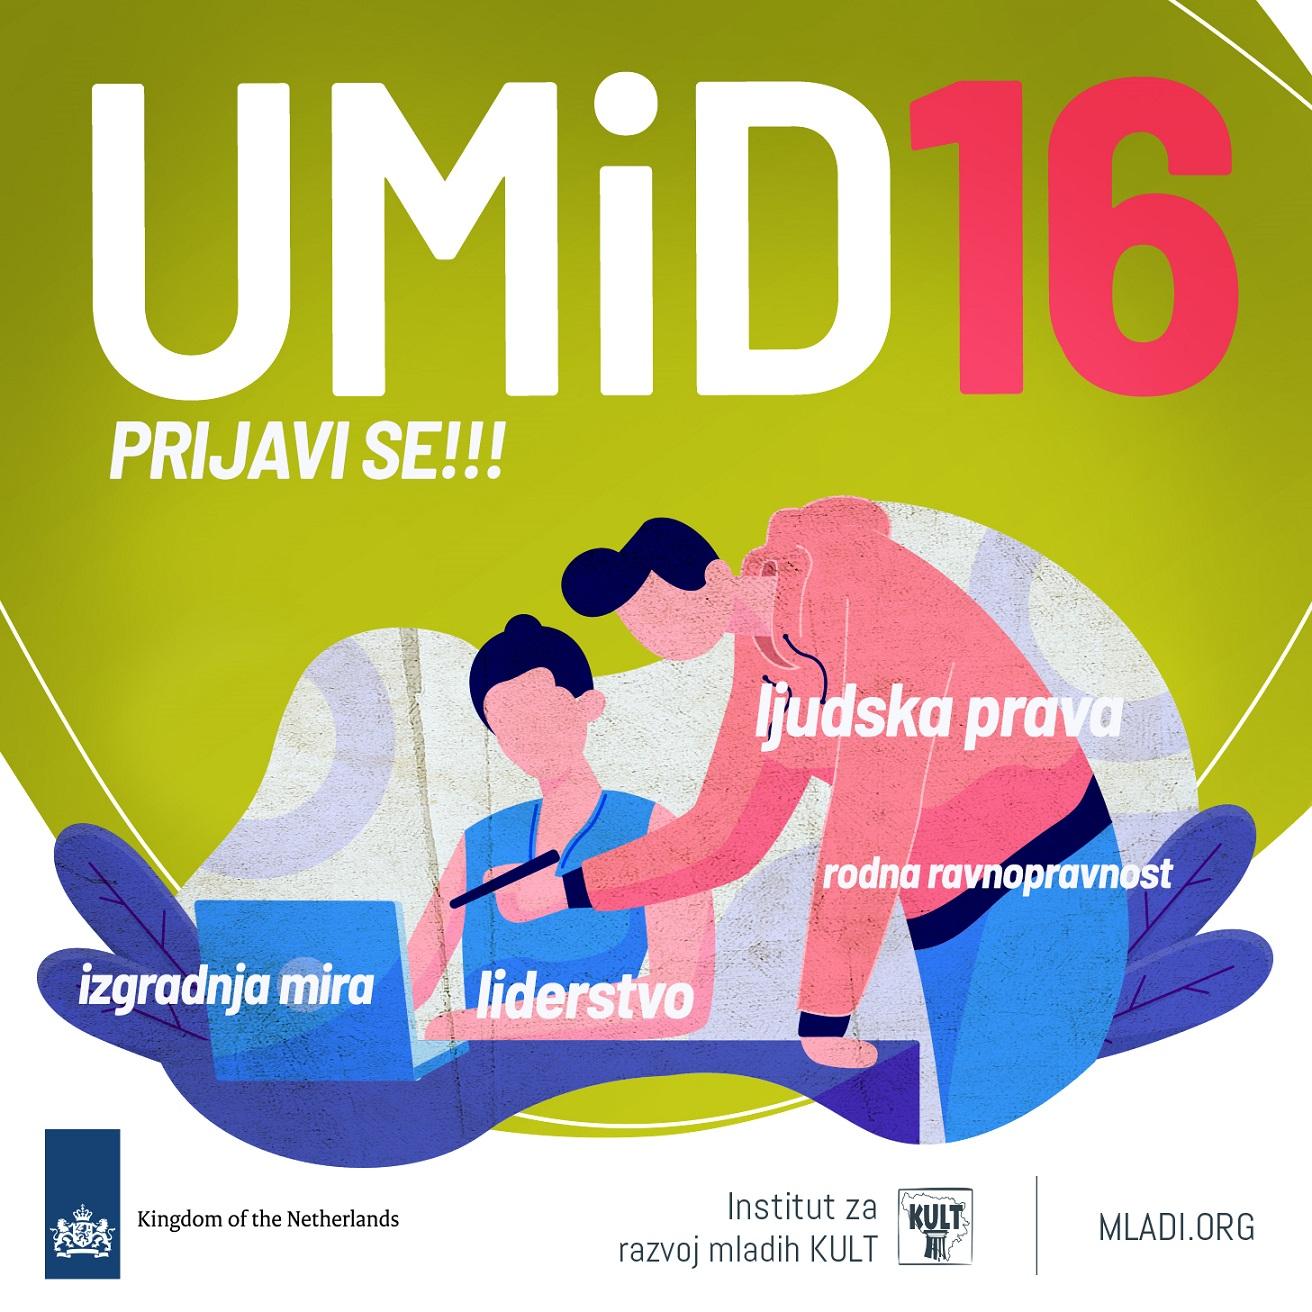 Prijavi se za novu generaciju UMiD-a